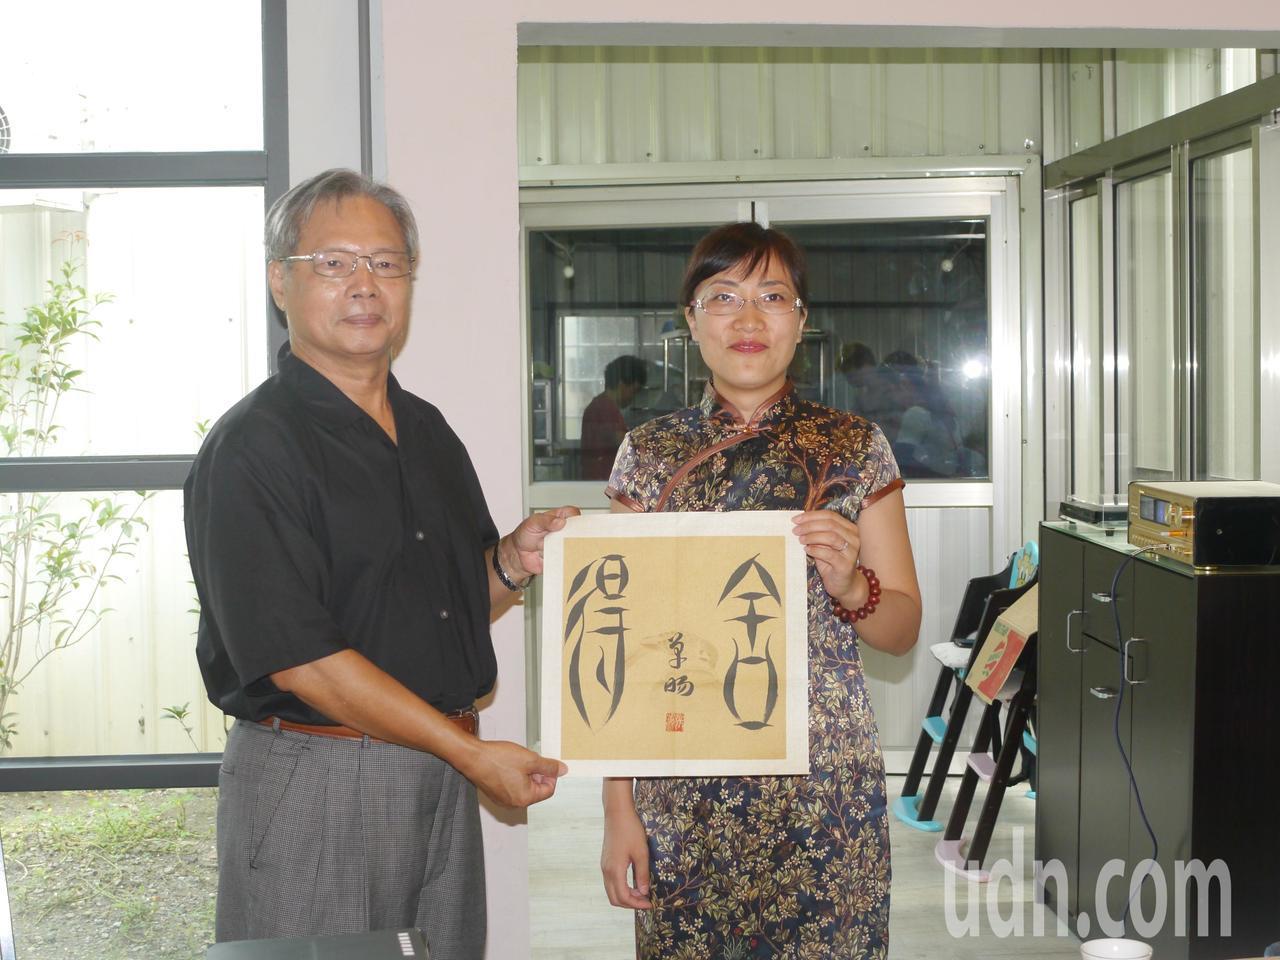 兩岸書畫交流,藝術家互贈作品留念。記者徐白櫻/攝影